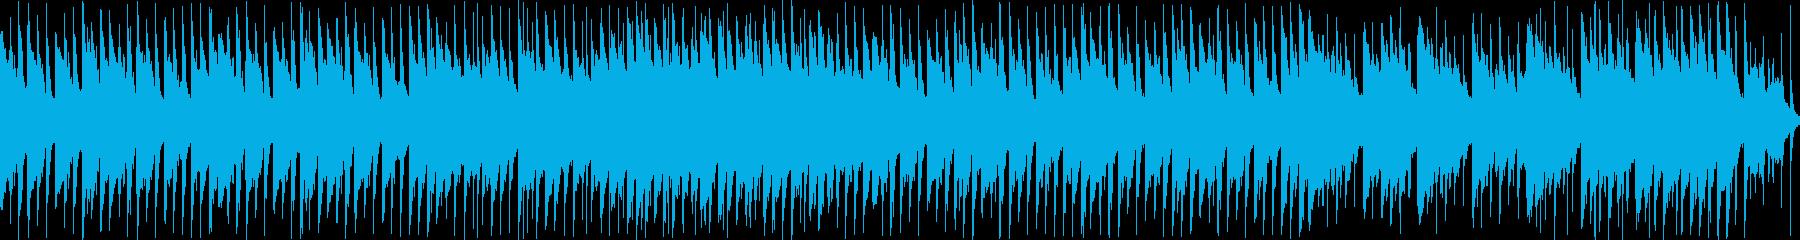 【ループ】様々な楽器が奏でる可愛いワルツの再生済みの波形